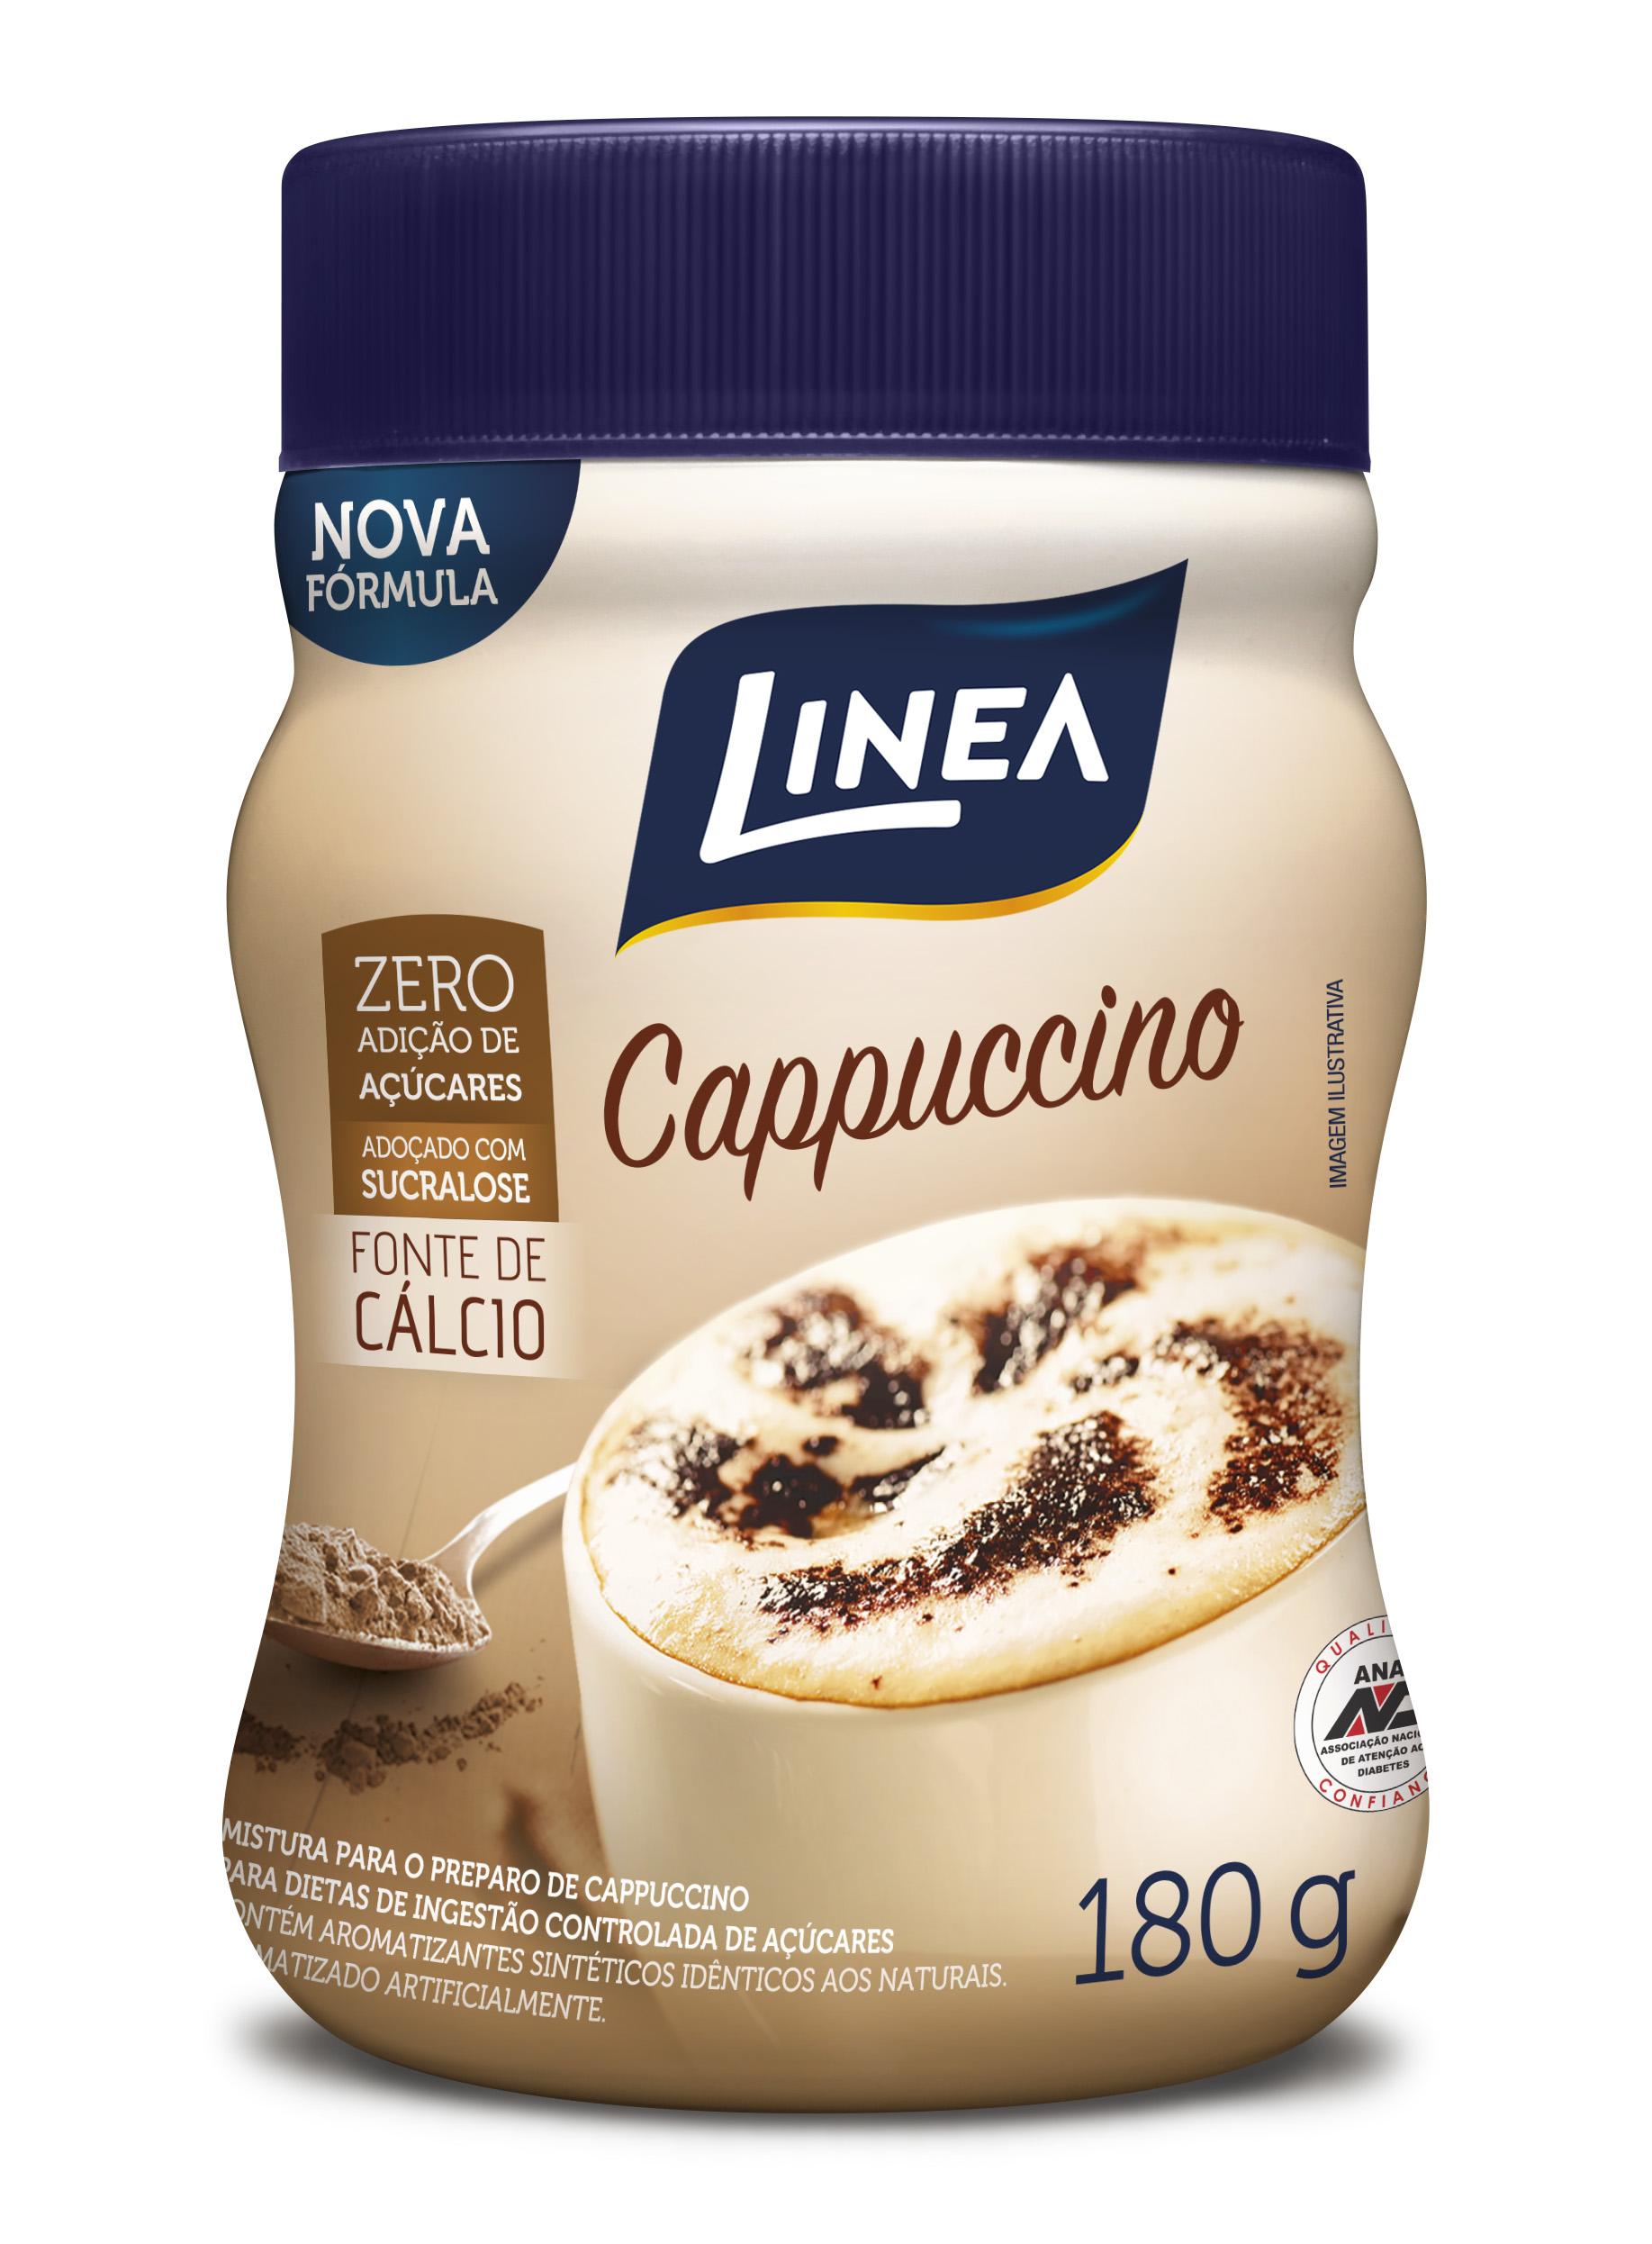 LINEA Cappuccino_LOGO NOVO